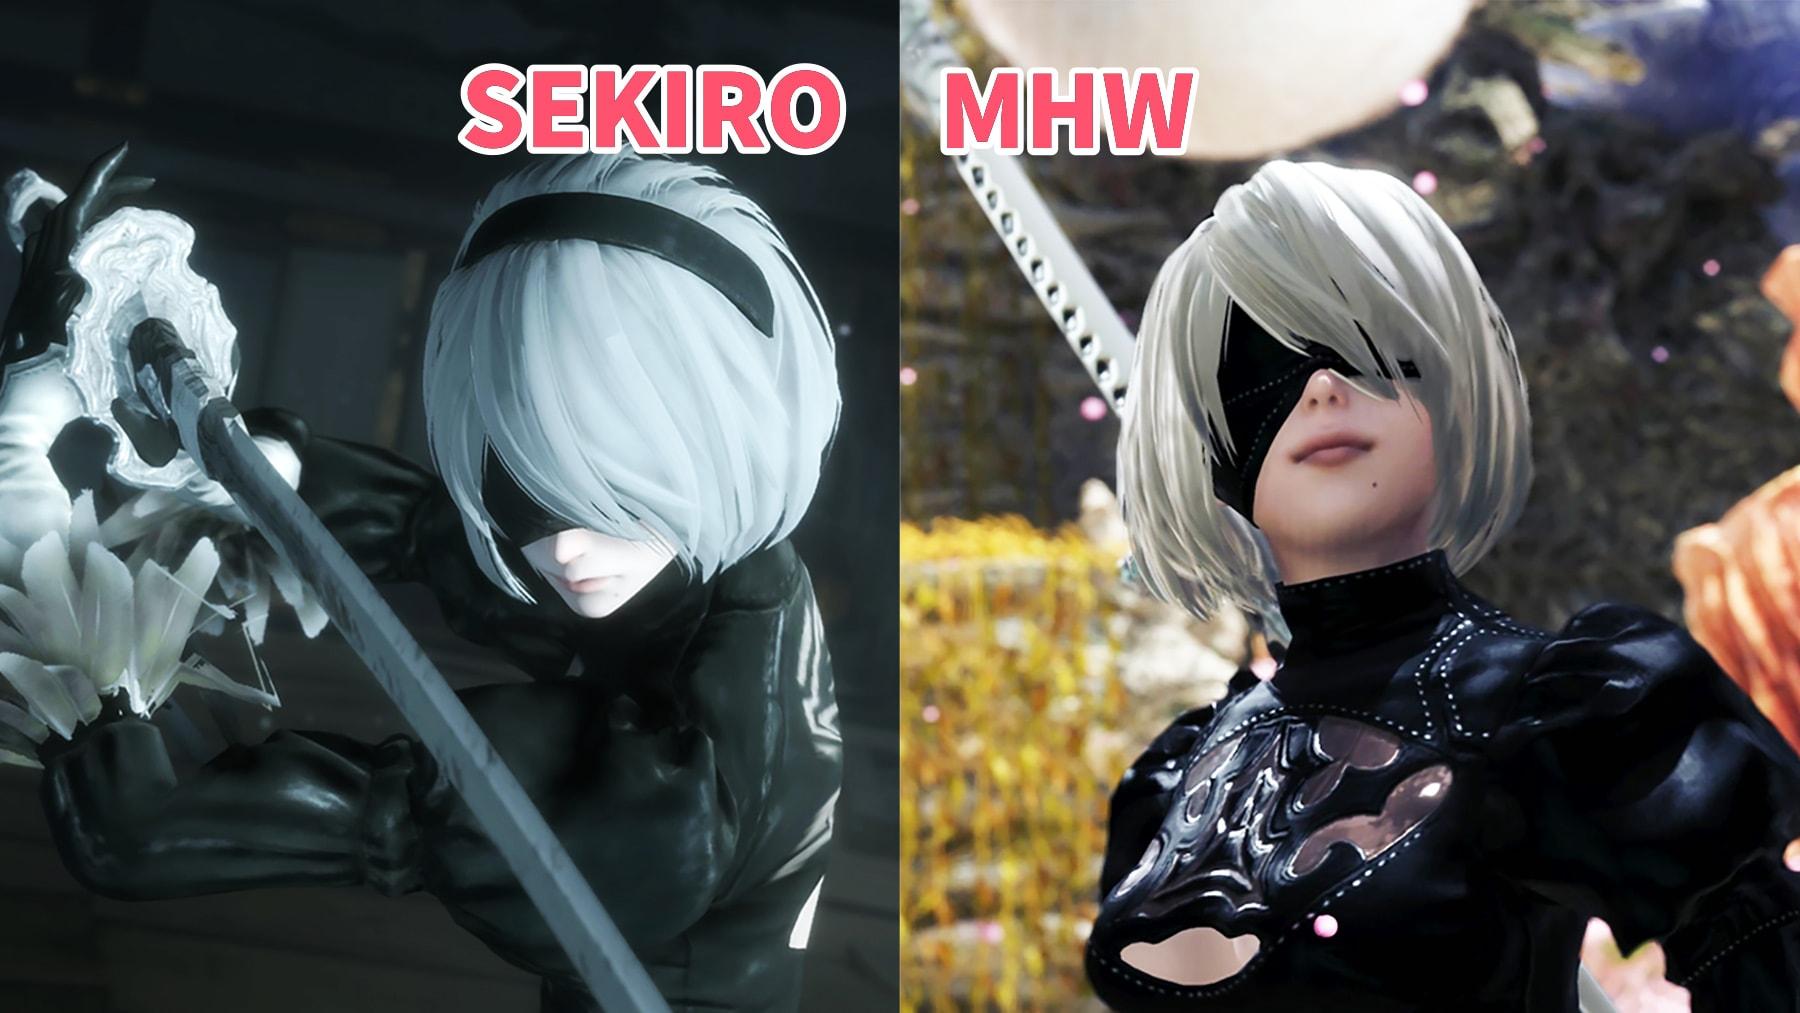 動画「『動画』SEKIROとMHWの2Bを色んな角度で比較する」のアイキャッチ画像